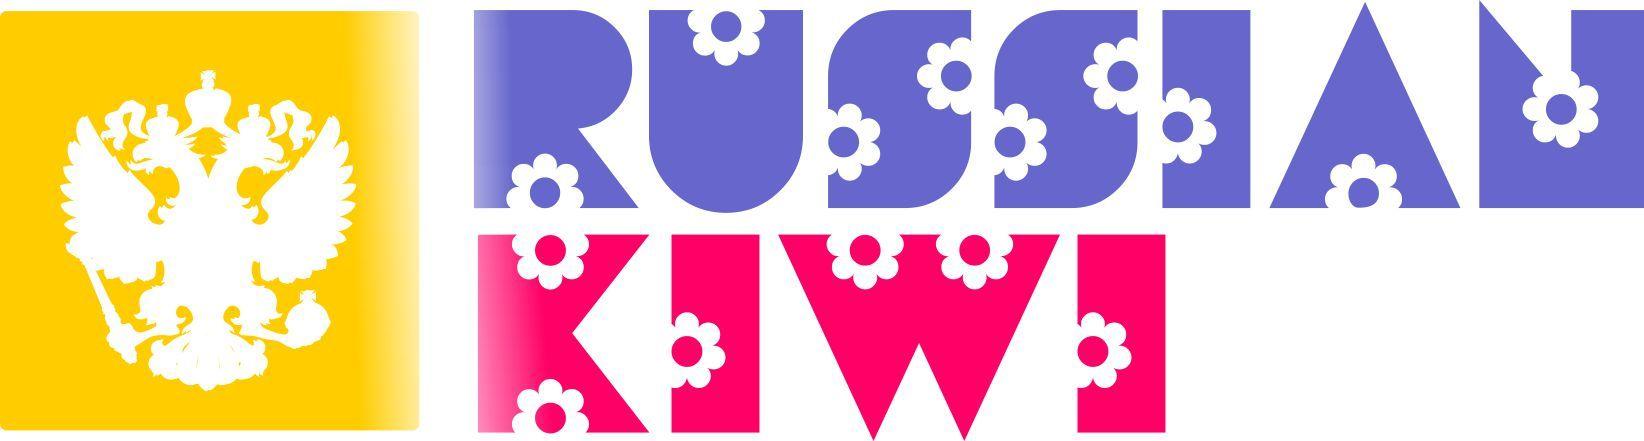 Логотип форума русских эмигрантов в Новой Зеландии - дизайнер visento